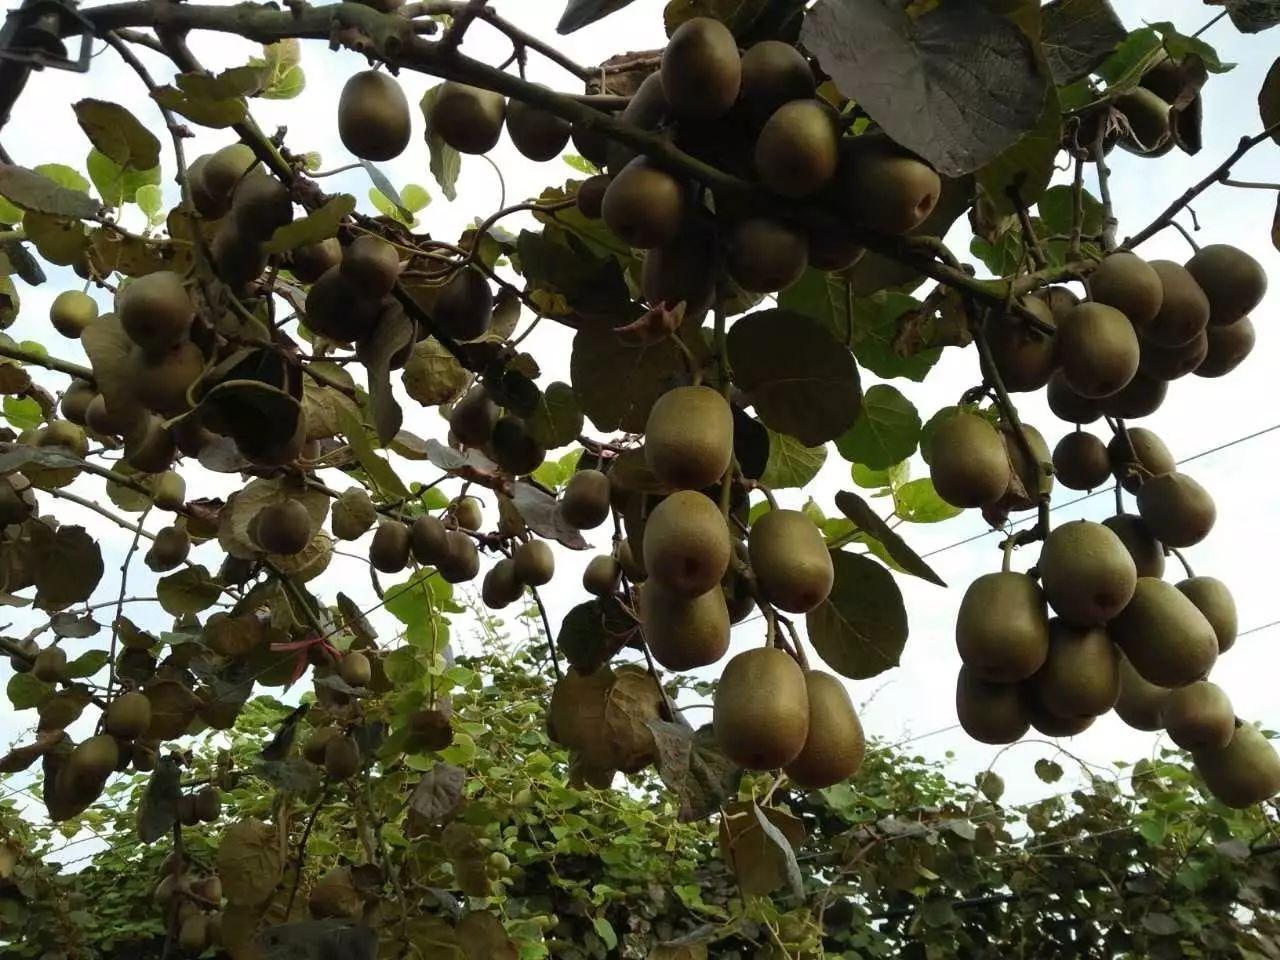 里,大片的红心猕猴桃长势喜人,绿油油的叶子下面挤满了饱满欲坠的